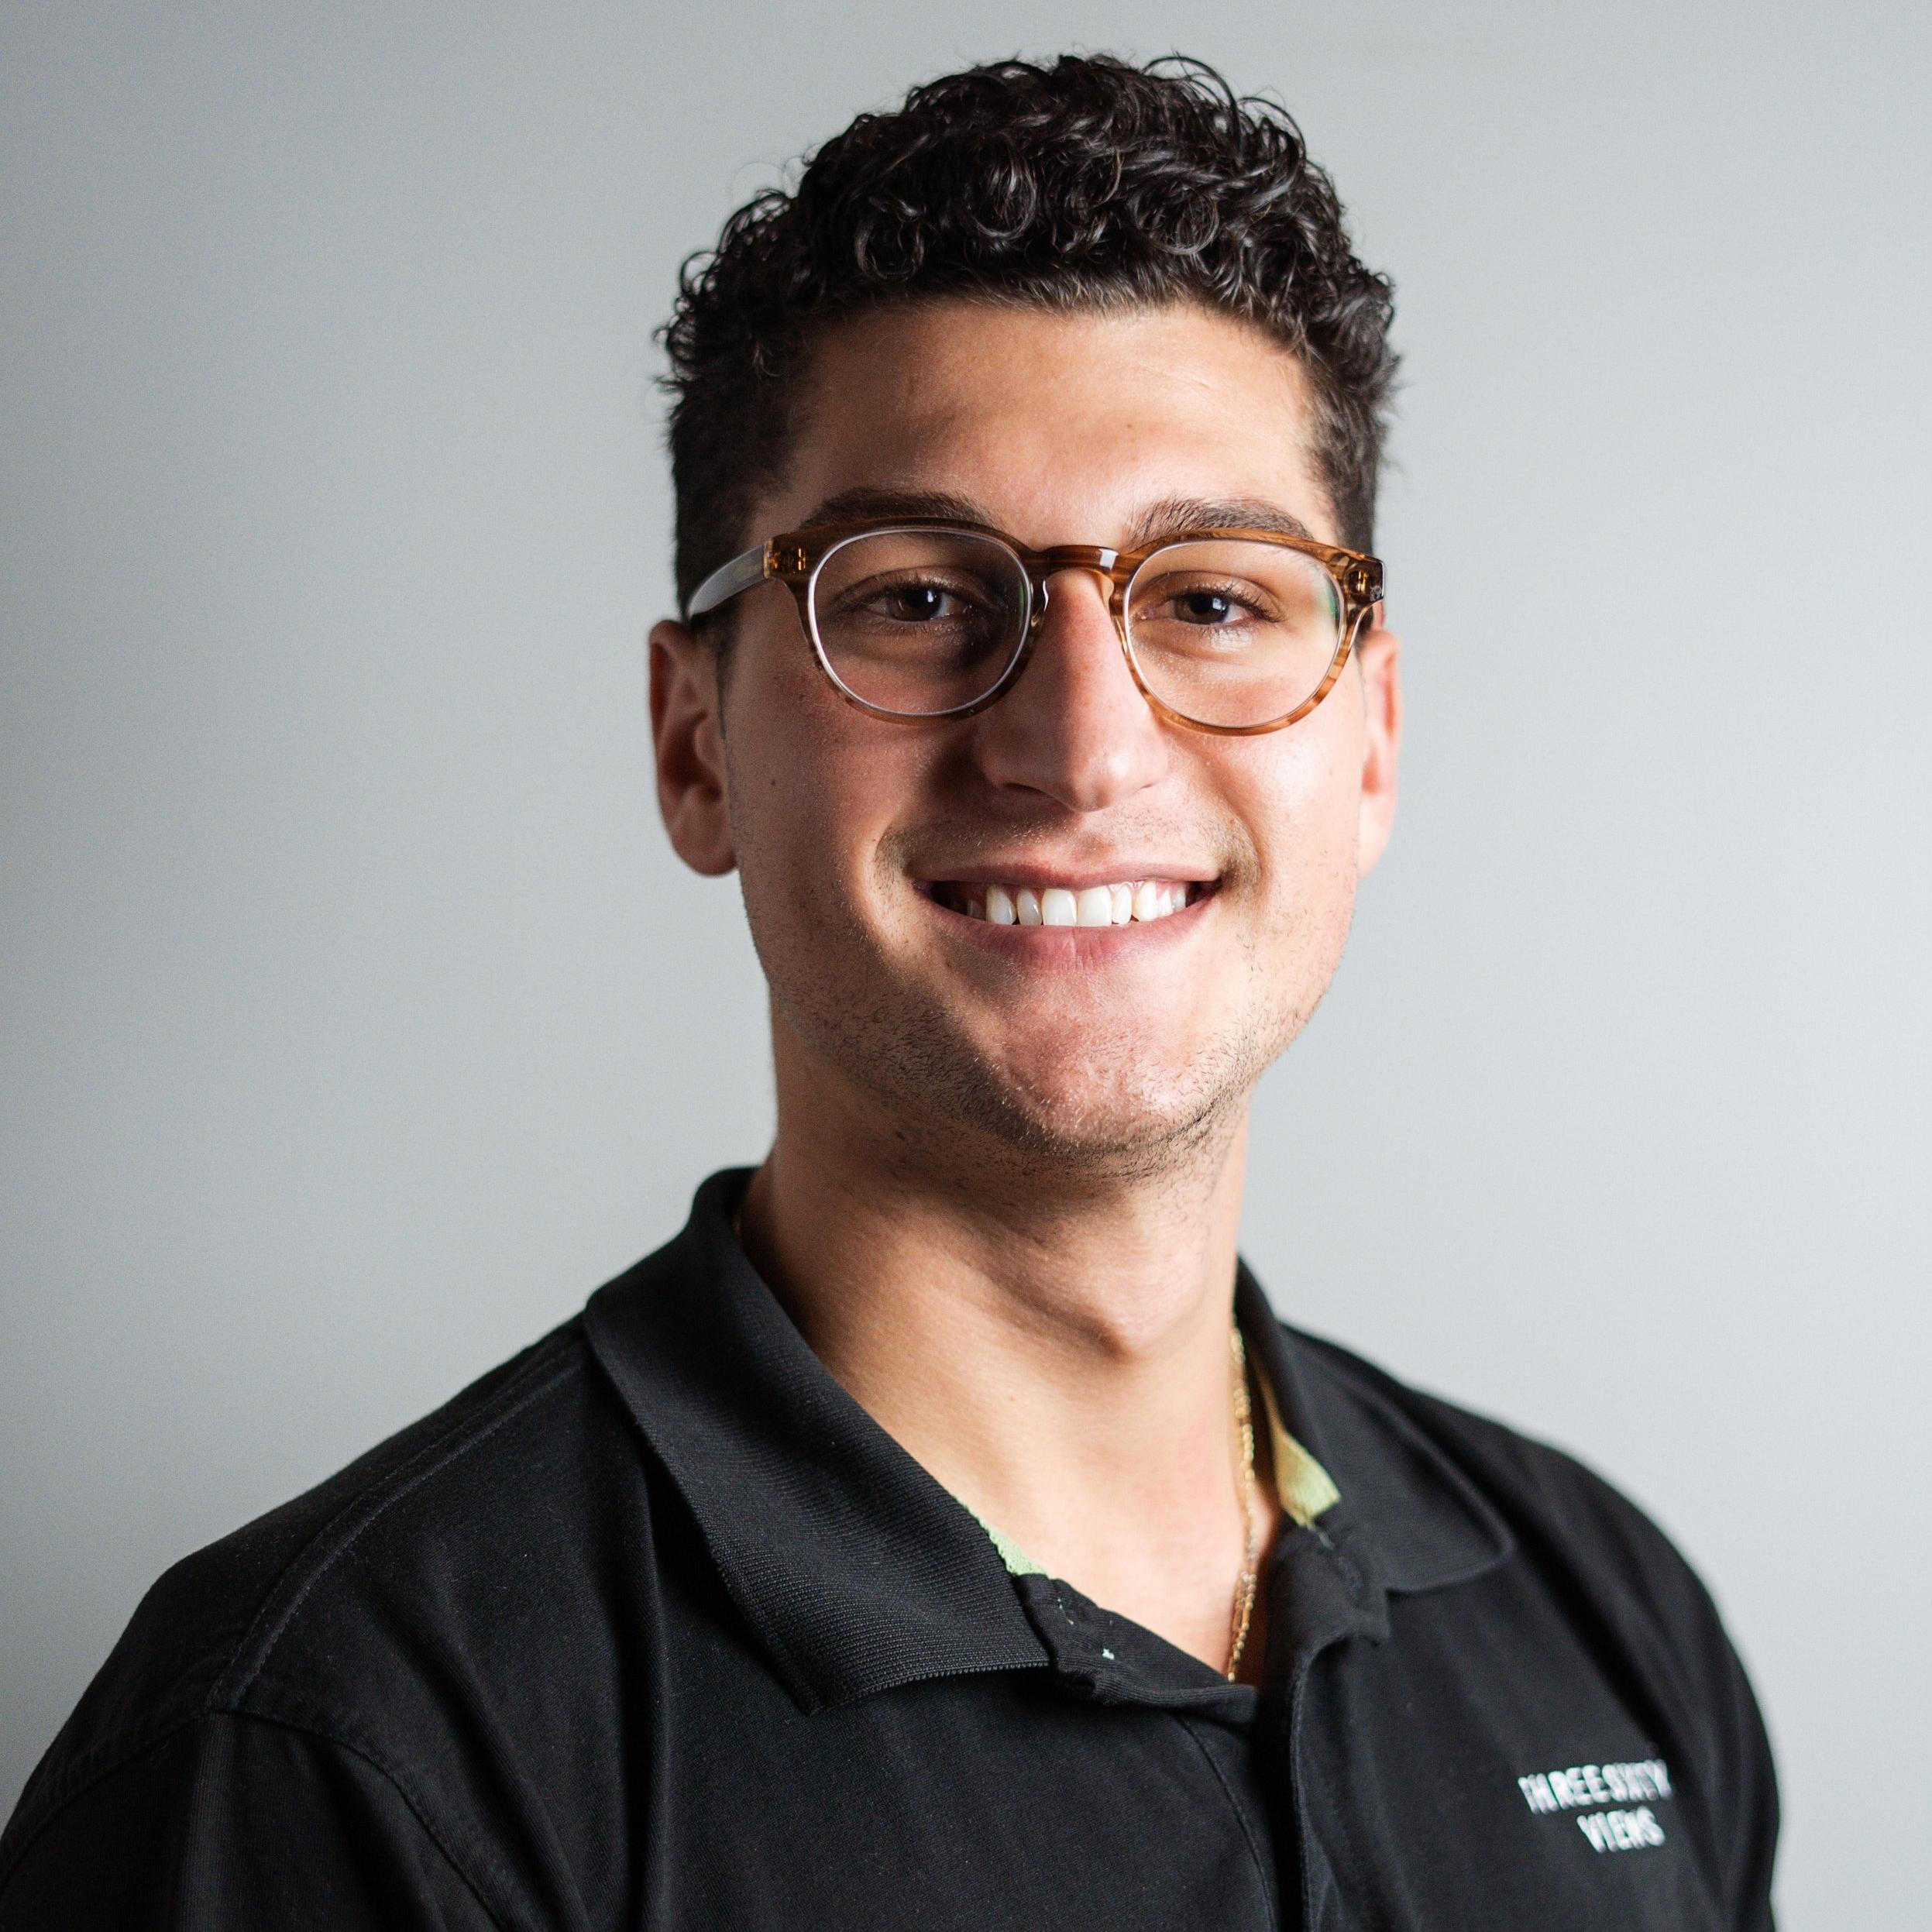 Jordan Scinta - Owner / Vice President / CEO